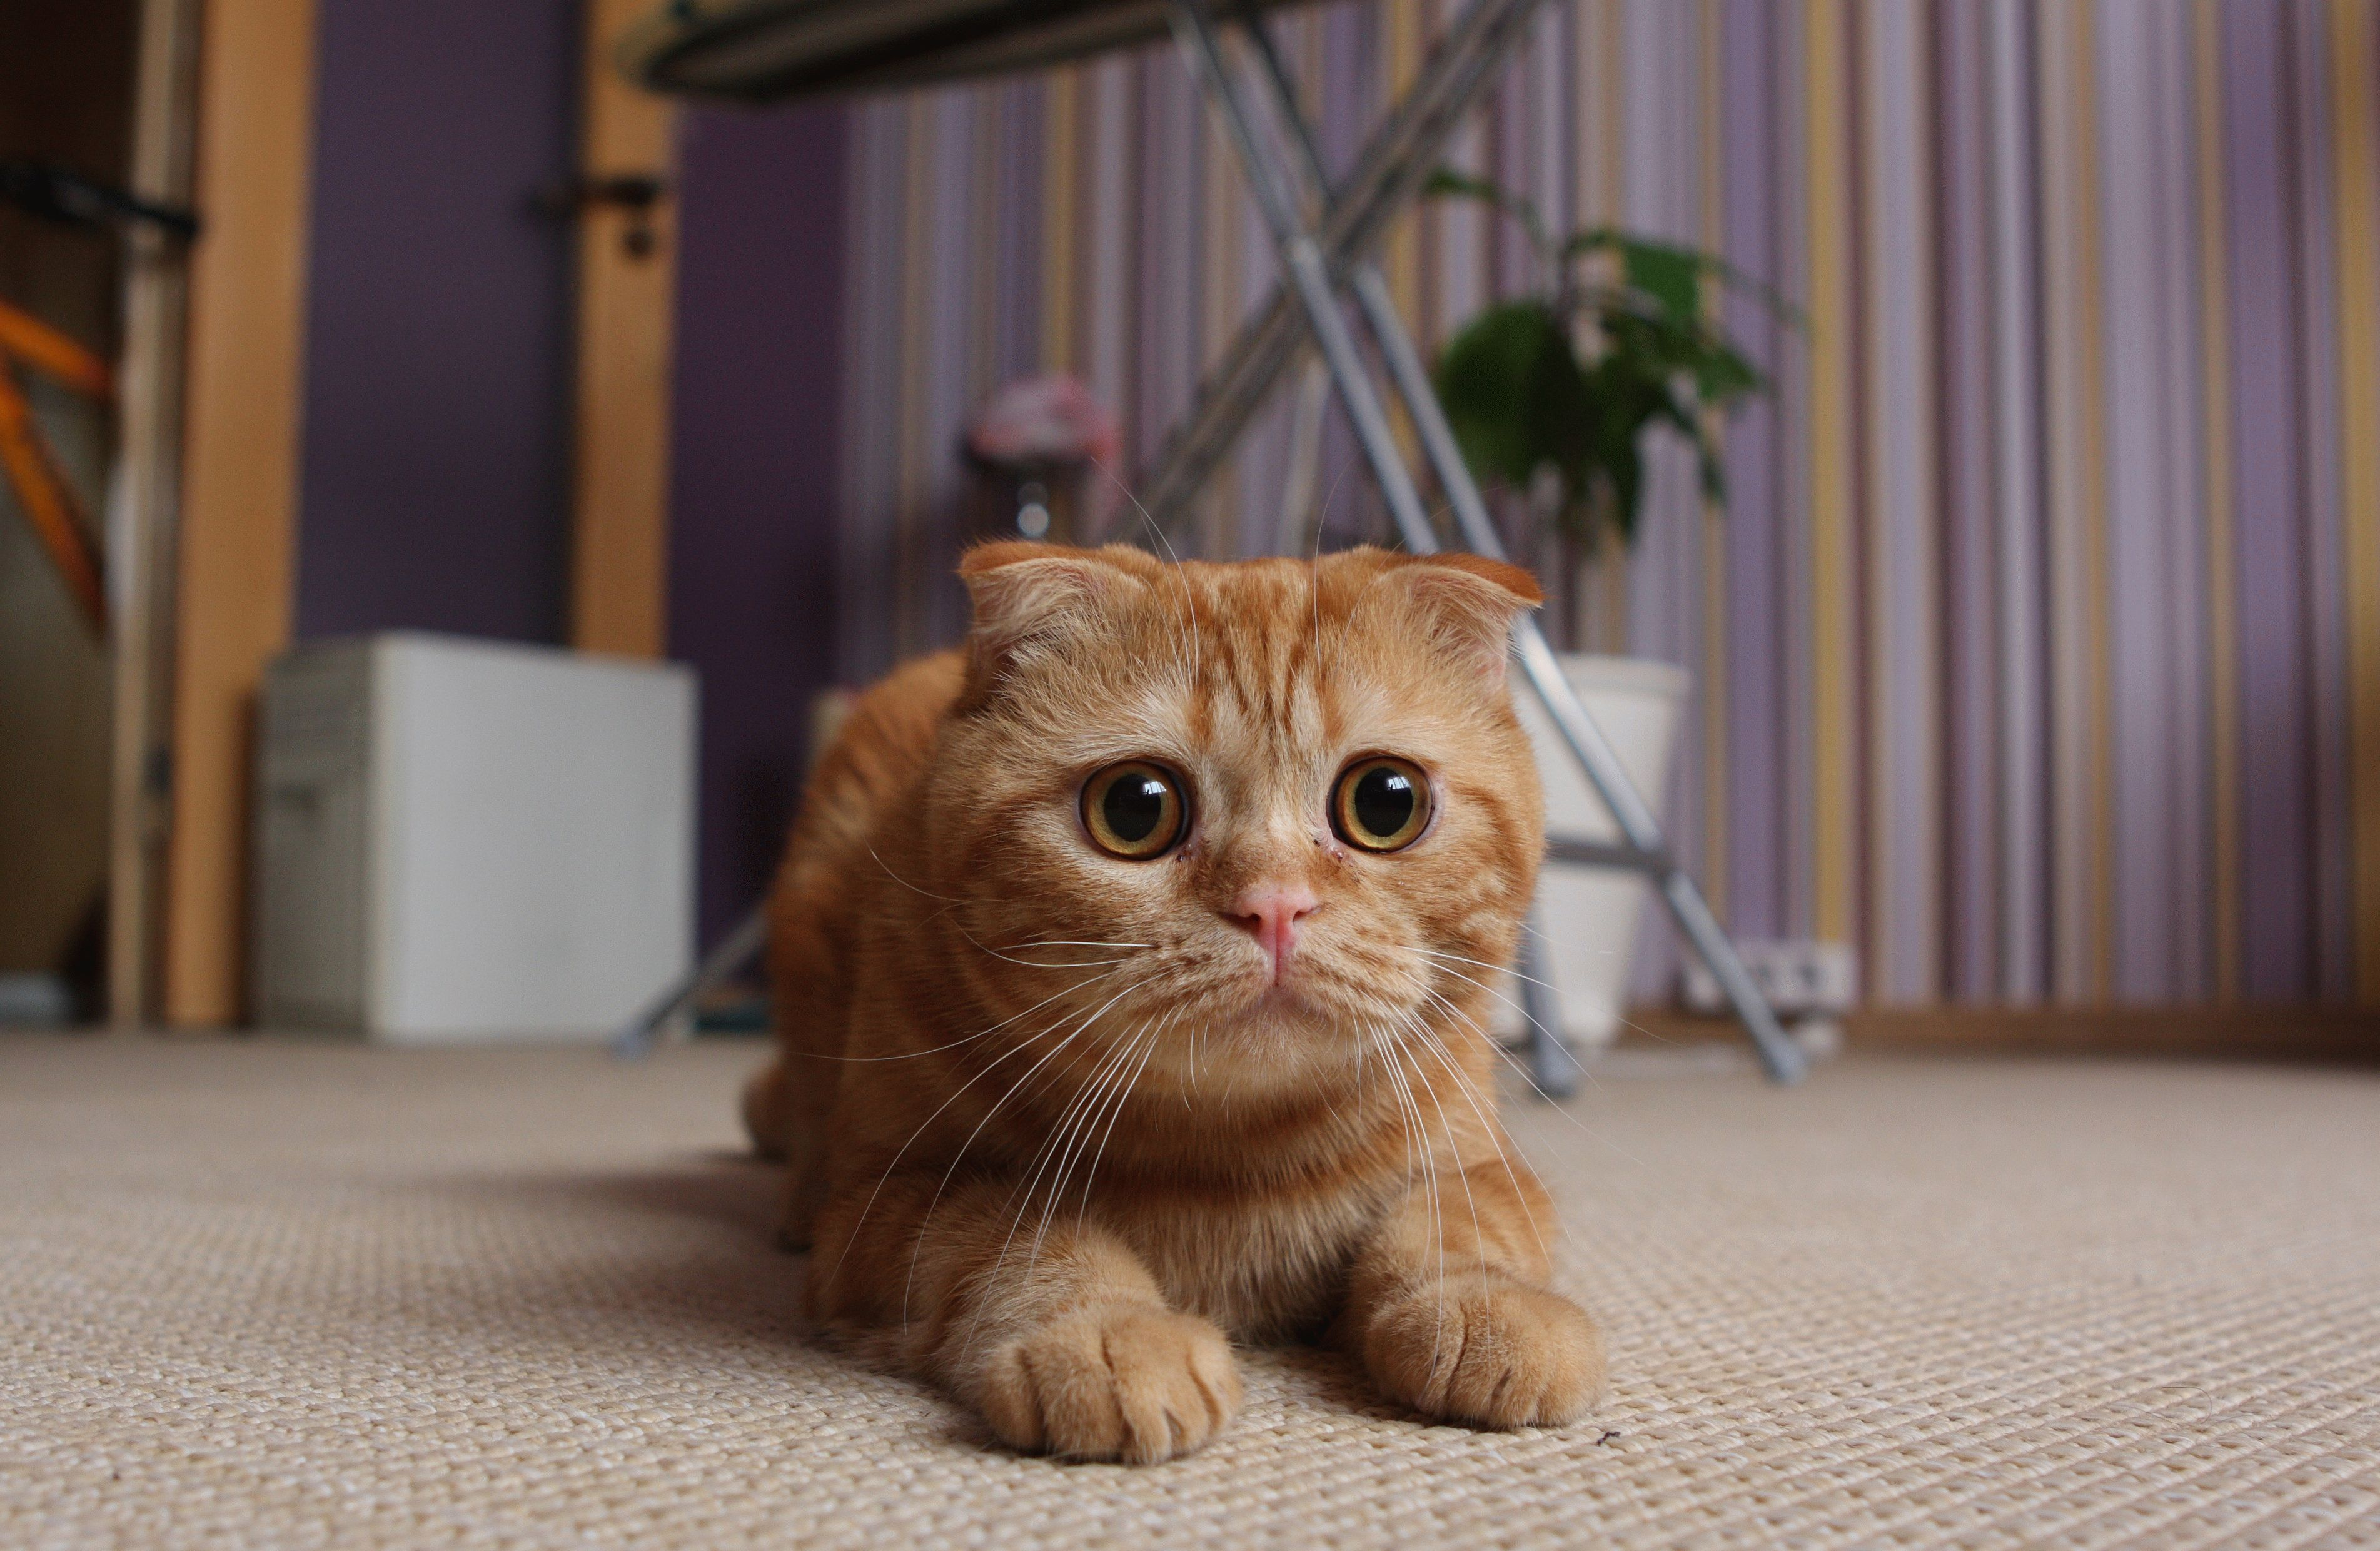 породы кошек фото вислоухие